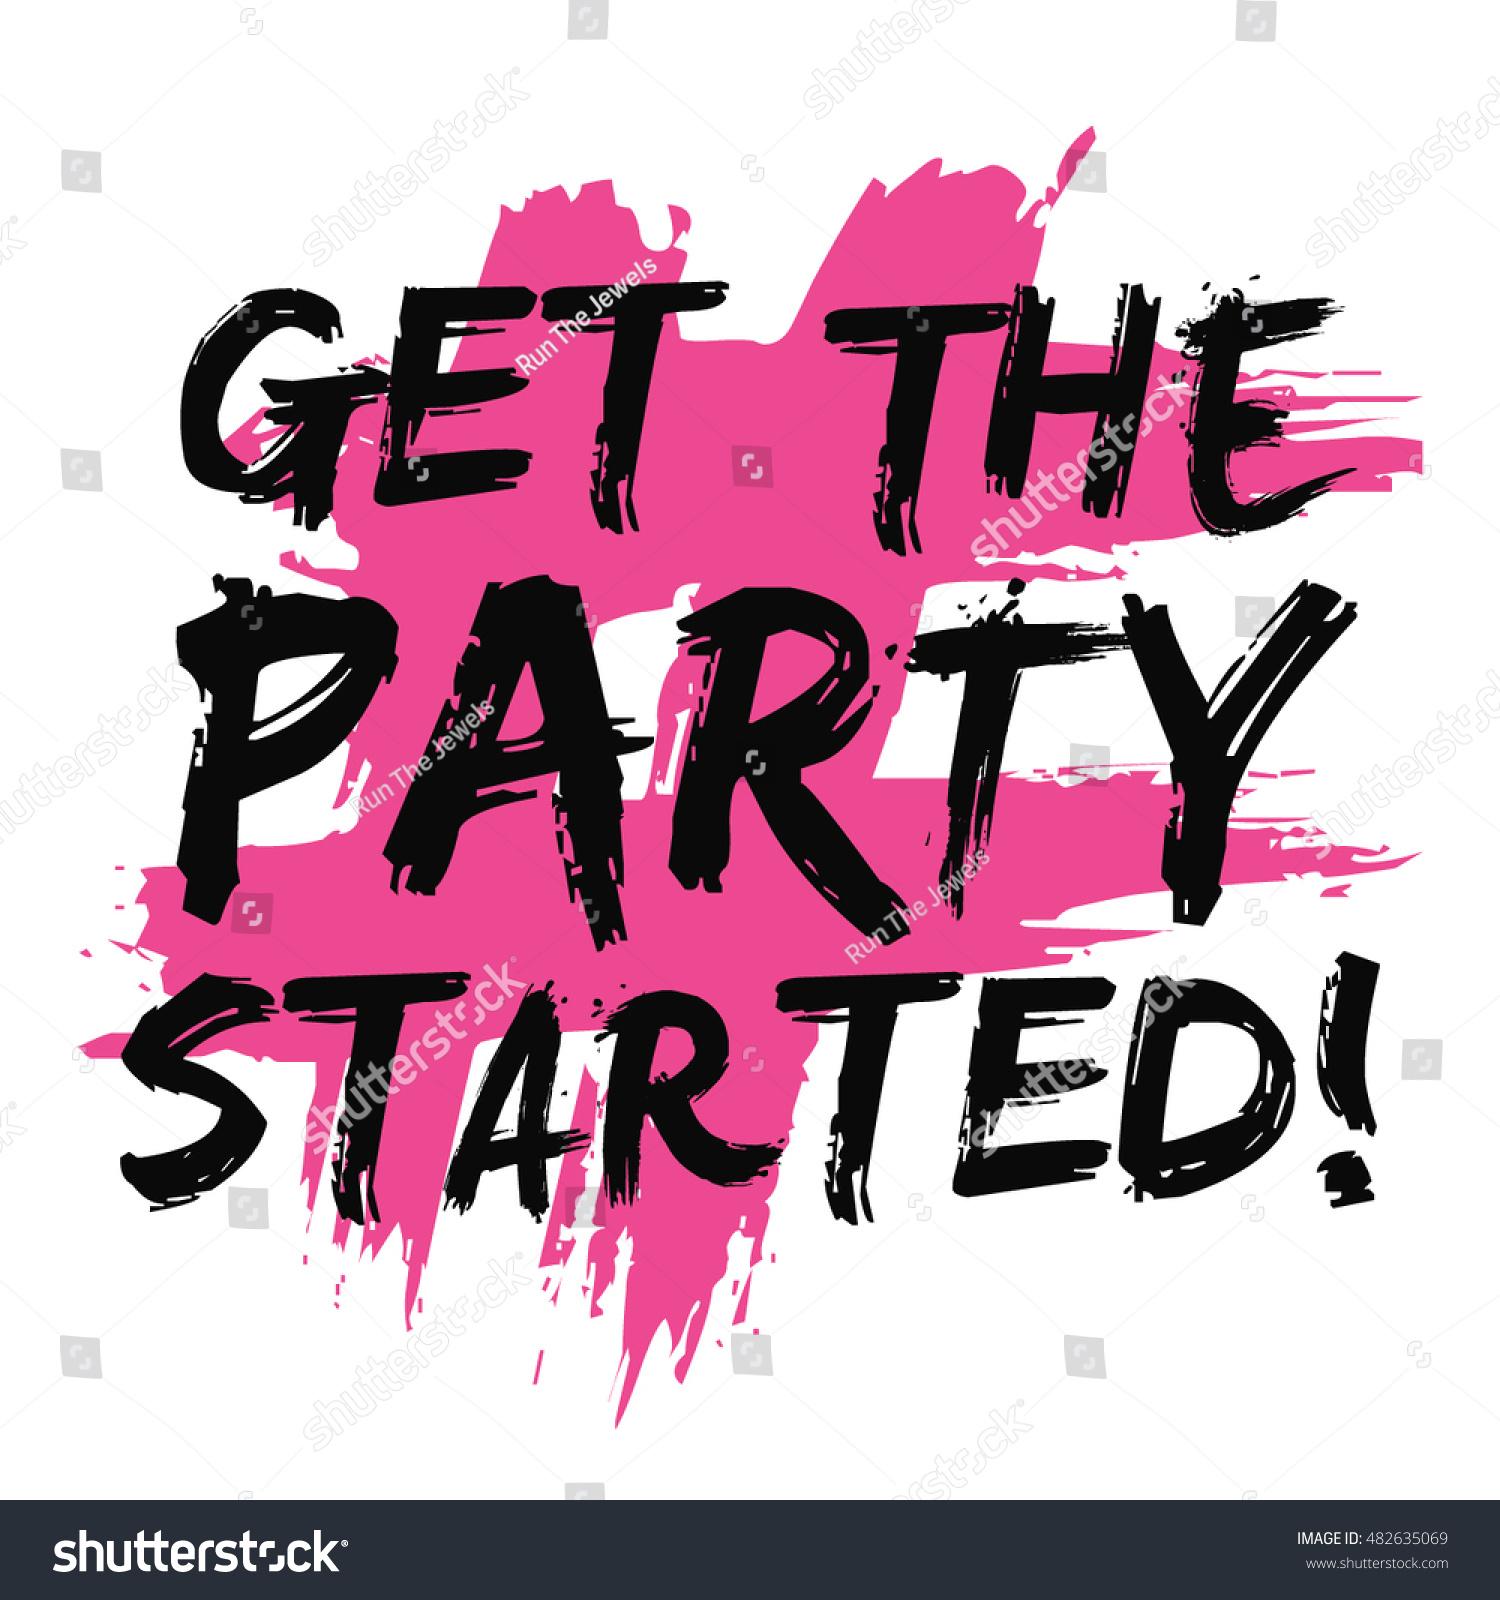 Get Party Started Brush Lettering Vector Stock-Vektorgrafik ...